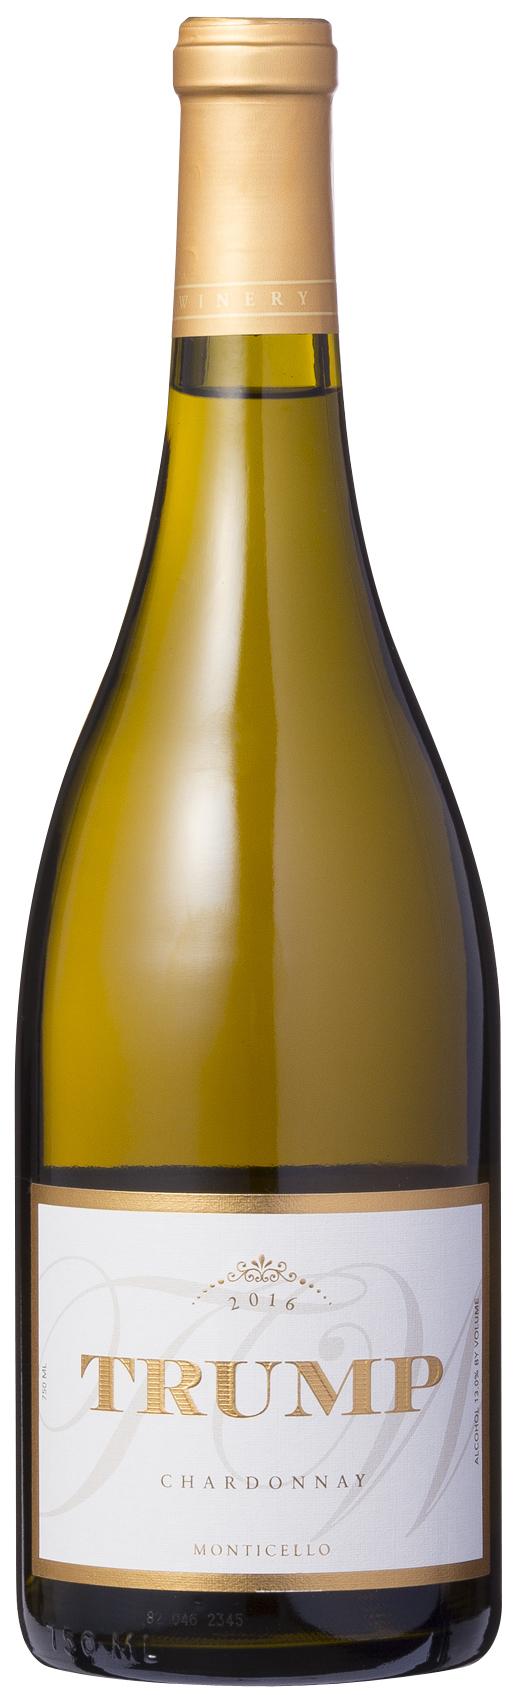 日本初上陸、トランプ家のワインの販売開始 本国アメリカでも入手困難 バージニアが守った門外不出の「勝利のワイン」